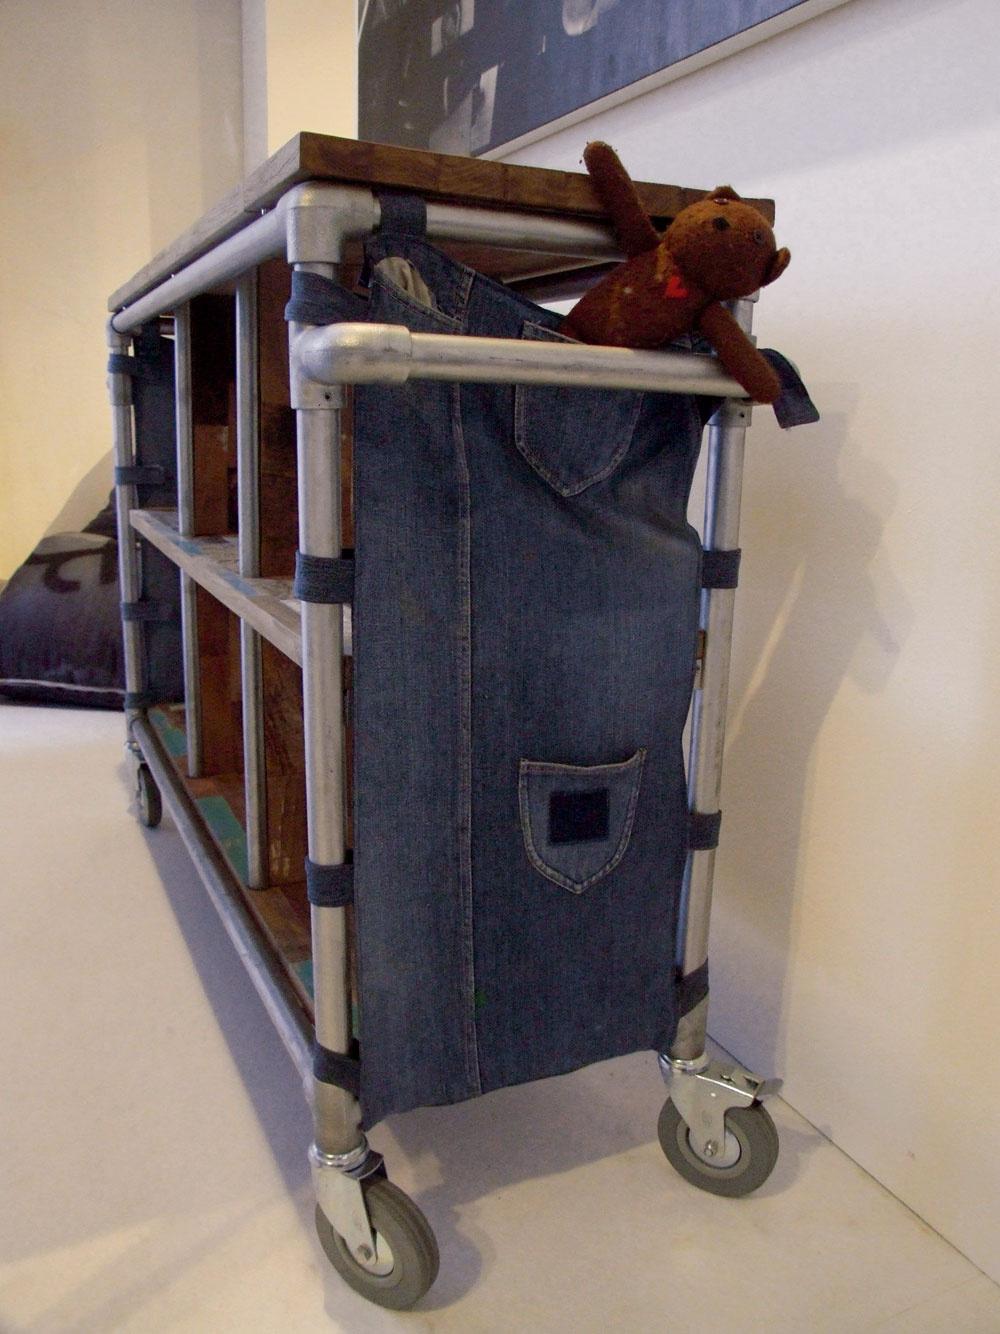 Zahľadí sa dizajnér na horu odpadu askrsne vňom nápad na nový nábytkový kúsok, objaví nový tvar vkuse odpadu, inšpiruje ho náhodné susedstvo foriem afarieb, čudesná súhra smetiskových novotvarov. Možno sa zháňa po súcom odpade pre svoj už vhrubých črtách navrhnutý dizajnérsky model ašpekuluje, ktorý zpoužitých materiálov alebo nepotrebných vecí by dodali jeho prototypu potrebný šmrnc. Inšpirácia anápaditosť prichádza rôznymi cestami, dôležité však je, že ekologické arecyklované či recyklovateľné sa stalo trendom slávnych dizajnérskych značiek. (dizajn: Idi Studio)